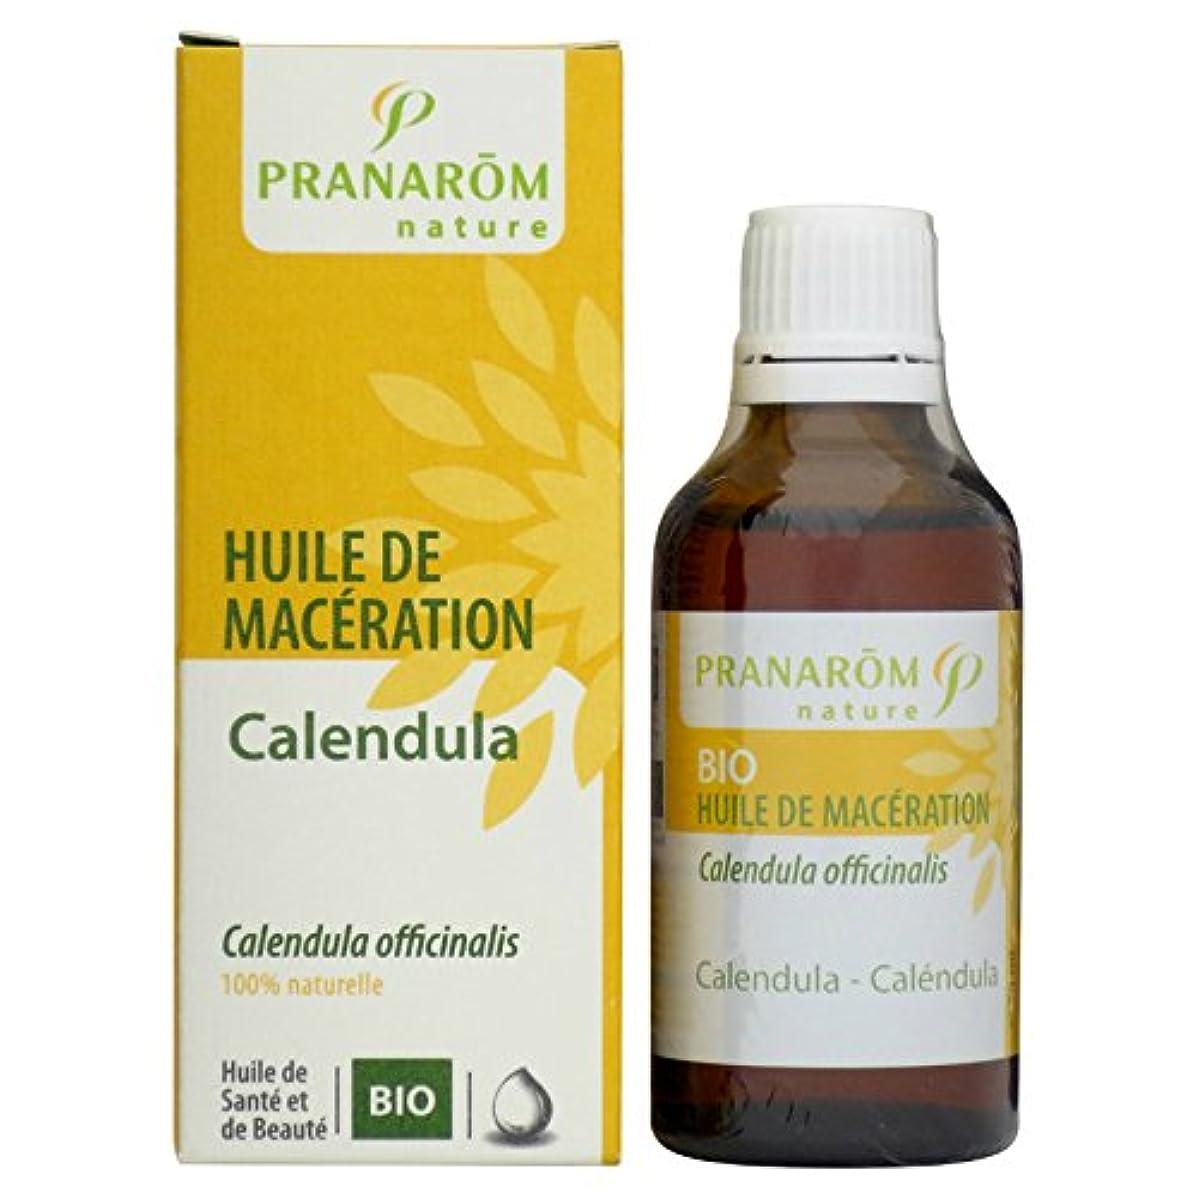 マオリアカウント柱プラナロム カレンデュラオイル 50ml (PRANAROM 植物油)